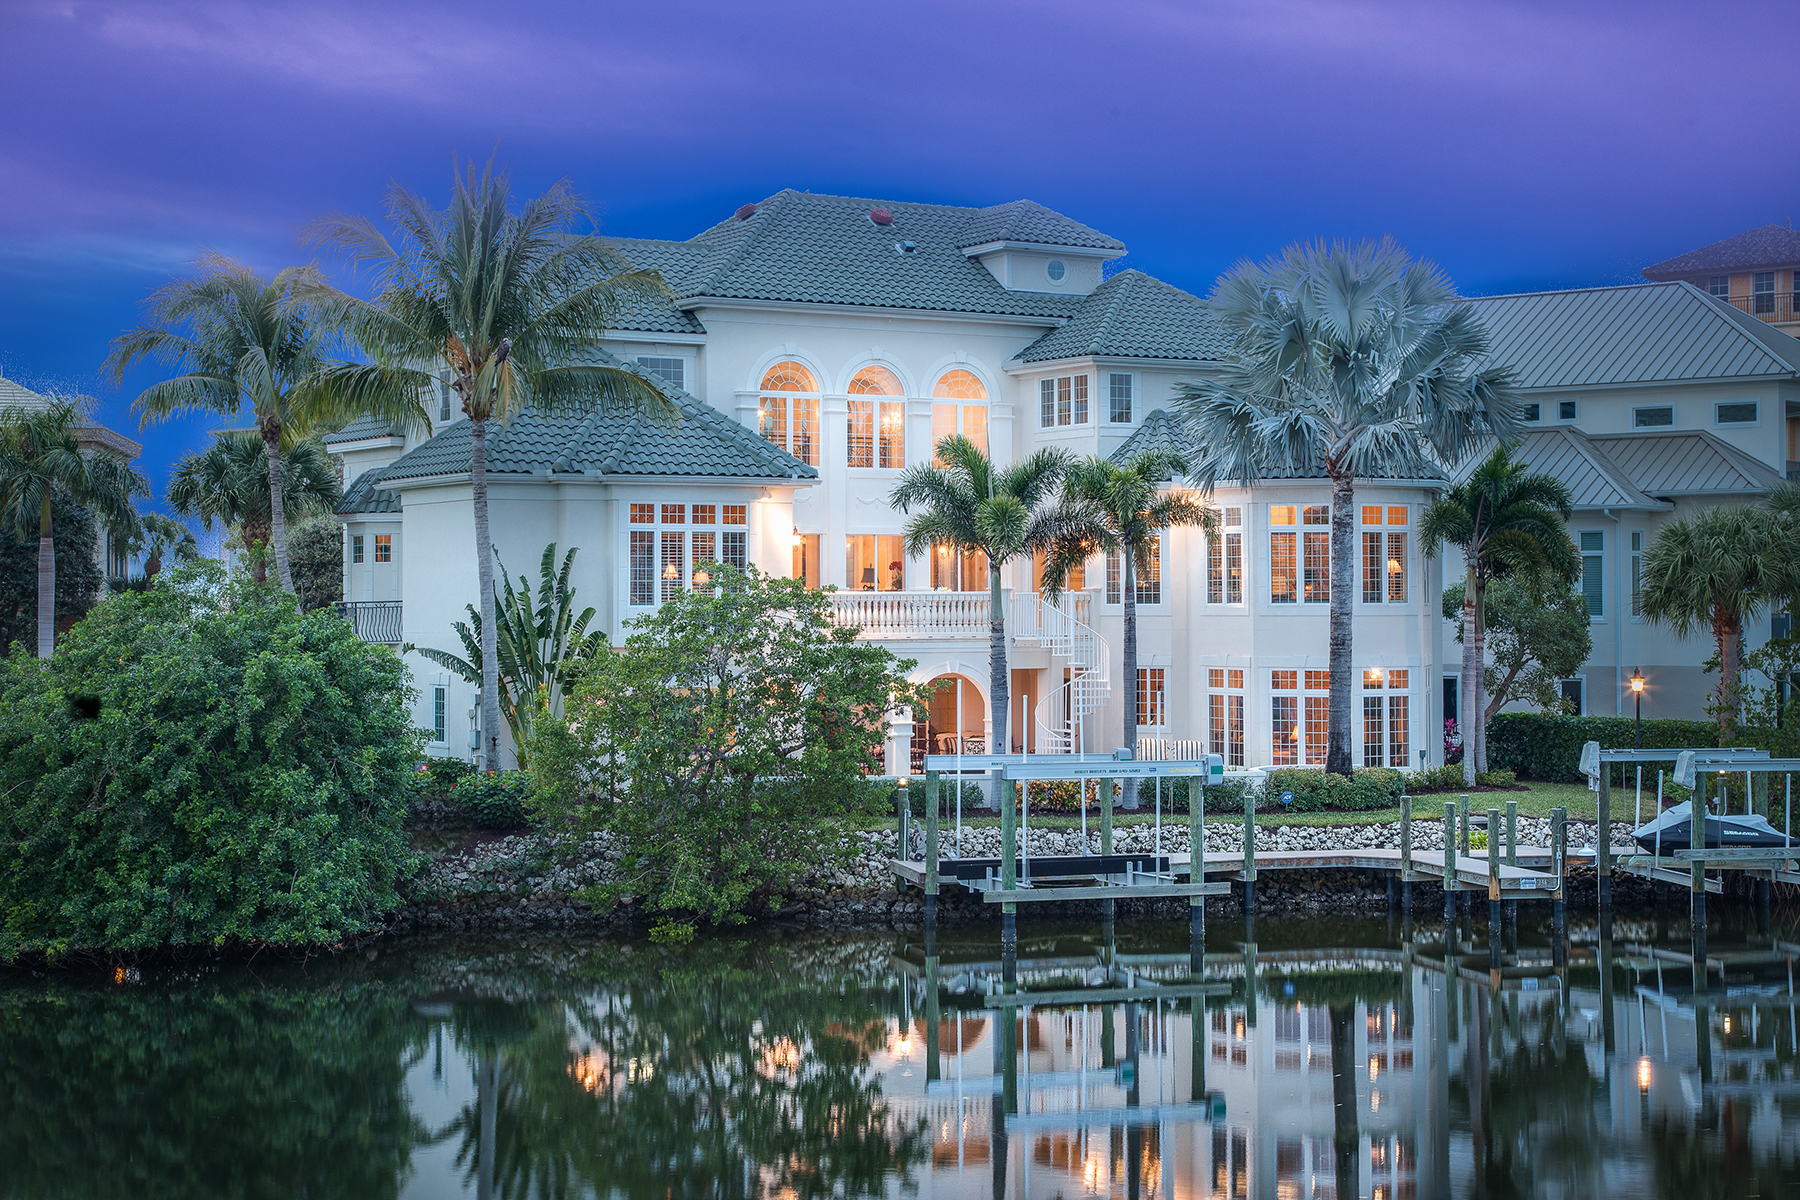 Einfamilienhaus für Verkauf beim Bonita Springs 234 Barefoot Beach Blvd Bonita Springs, Florida, 34134 Vereinigte Staaten